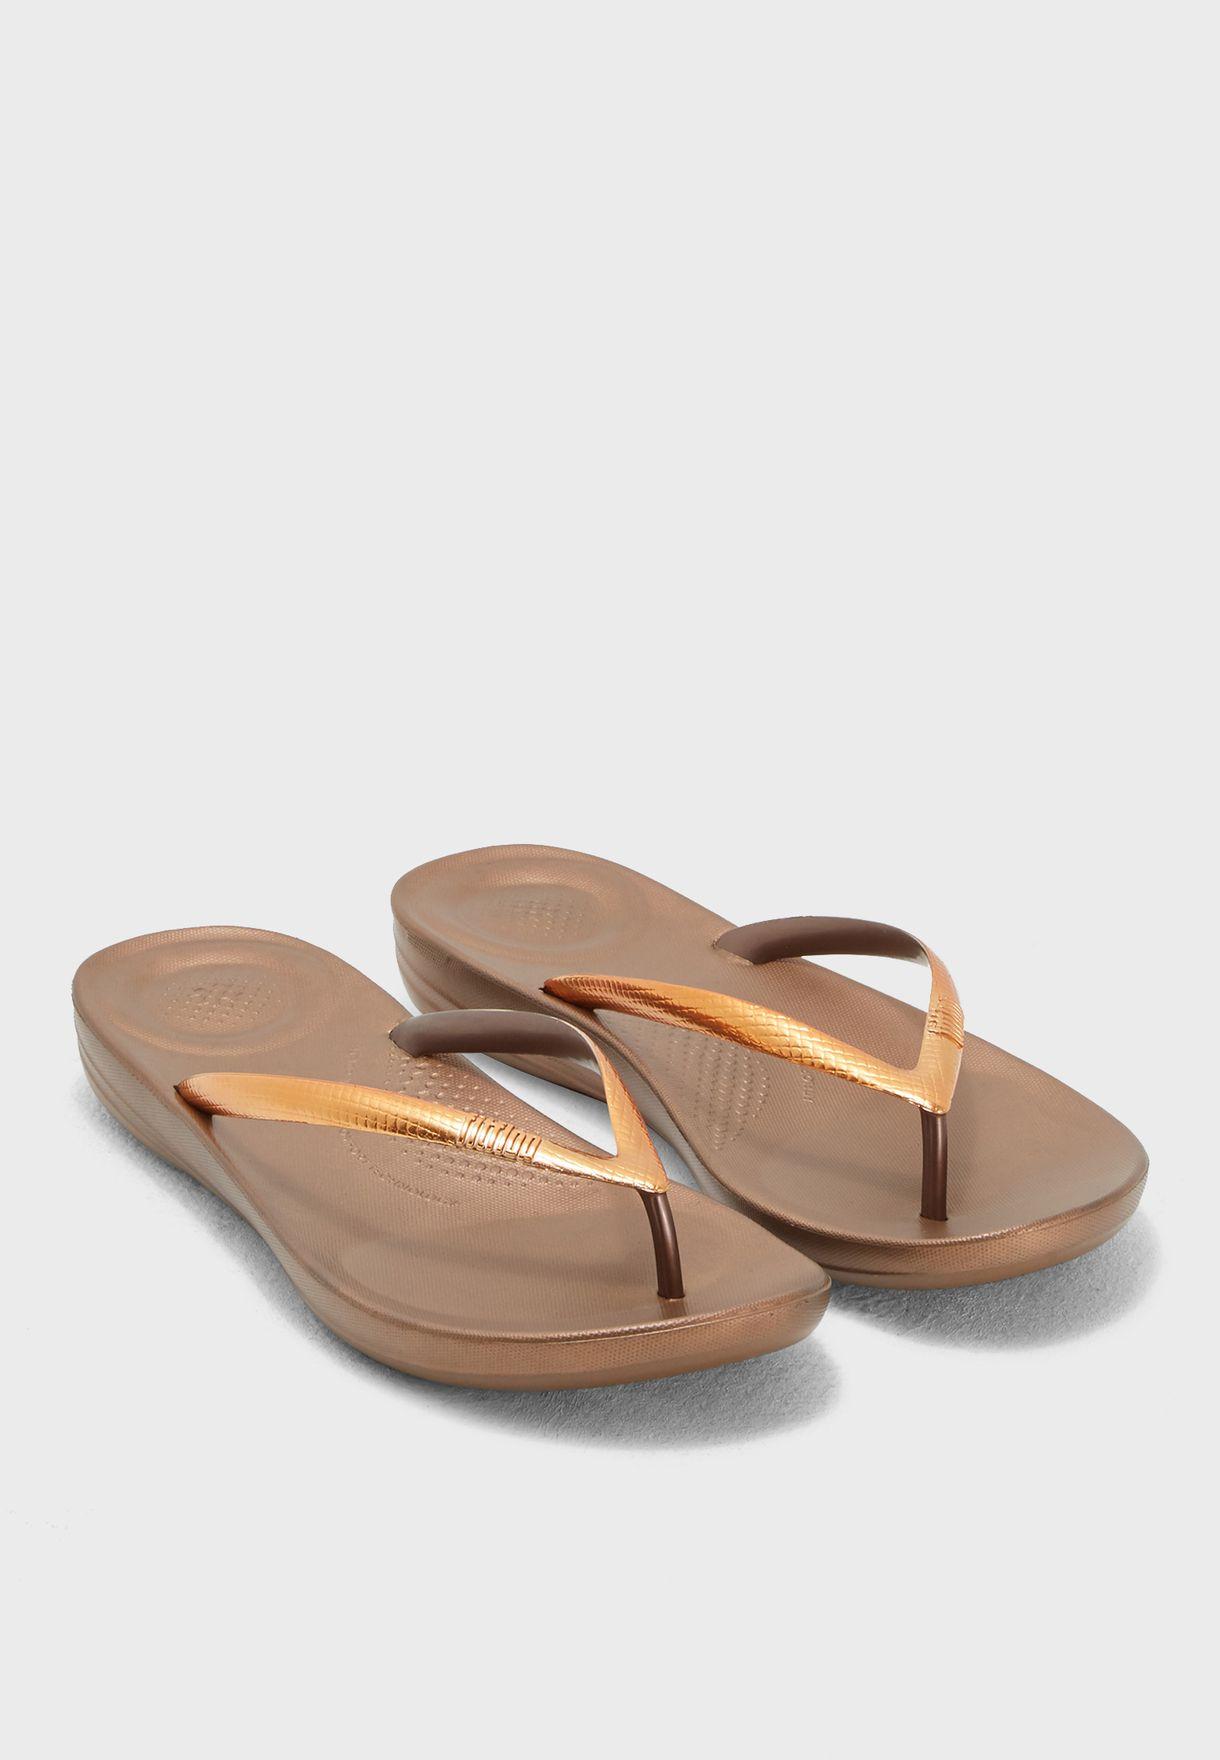 5435e9812c70c Shop Fitflop bronze Iqushion Ergonomic Flip-Flops M17-488 for Women ...